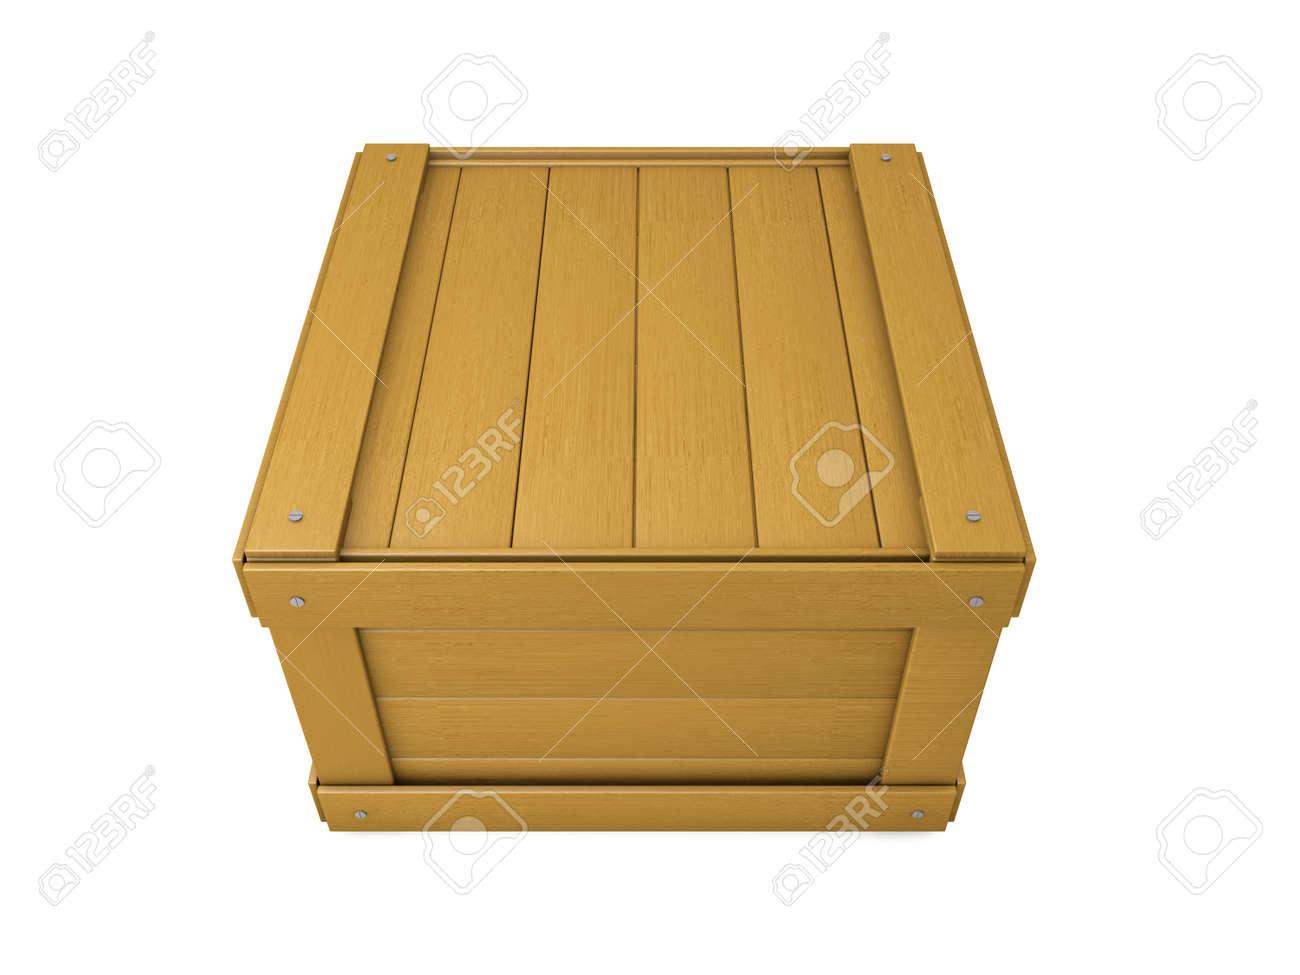 Oude Houten Kisten.Oude Houten Kist Op Wit Wordt Geisoleerd